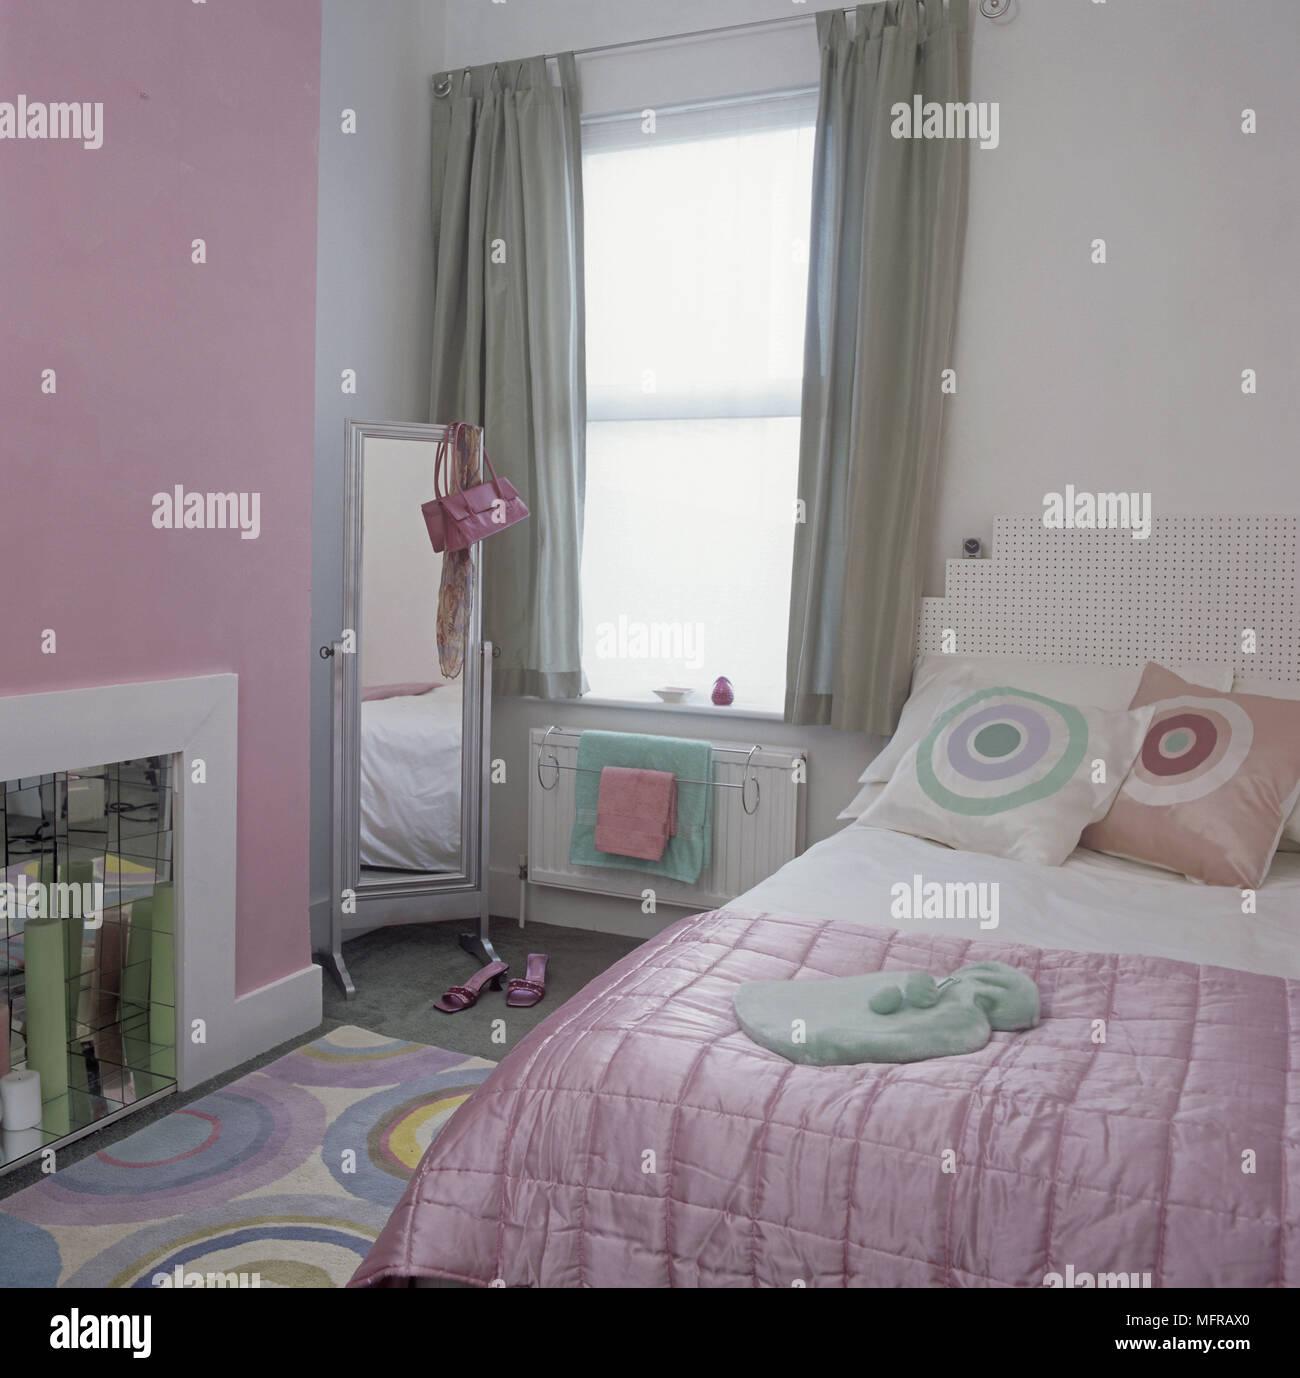 Grun Und Rosa Schlafzimmer Mit Gemustertem Teppich Und Polster Stockfotografie Alamy